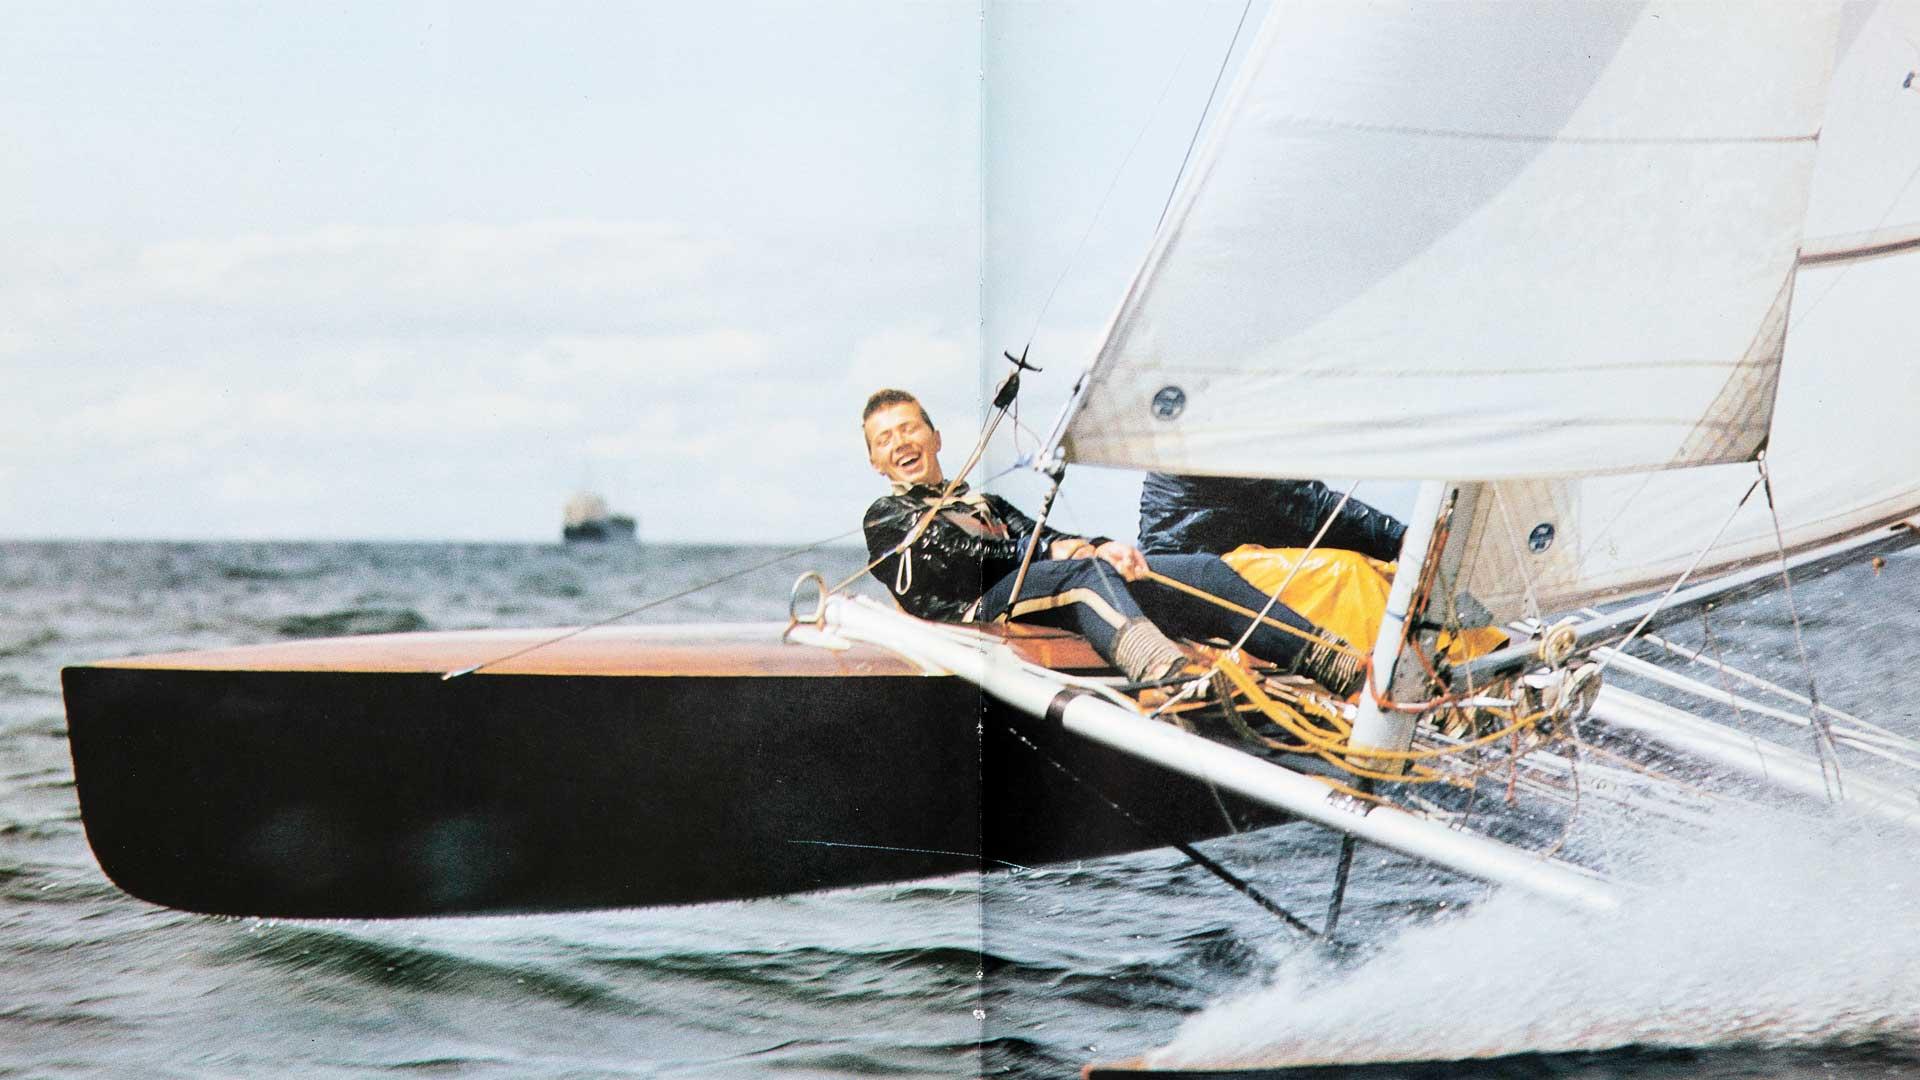 Tämä kuva Vahterista pääsi Neuvosto-Eestissä julkaistuun purjehduskirjaan. Hänen loikkauksensa jälkeen teos vedettiin pois myynnistä.